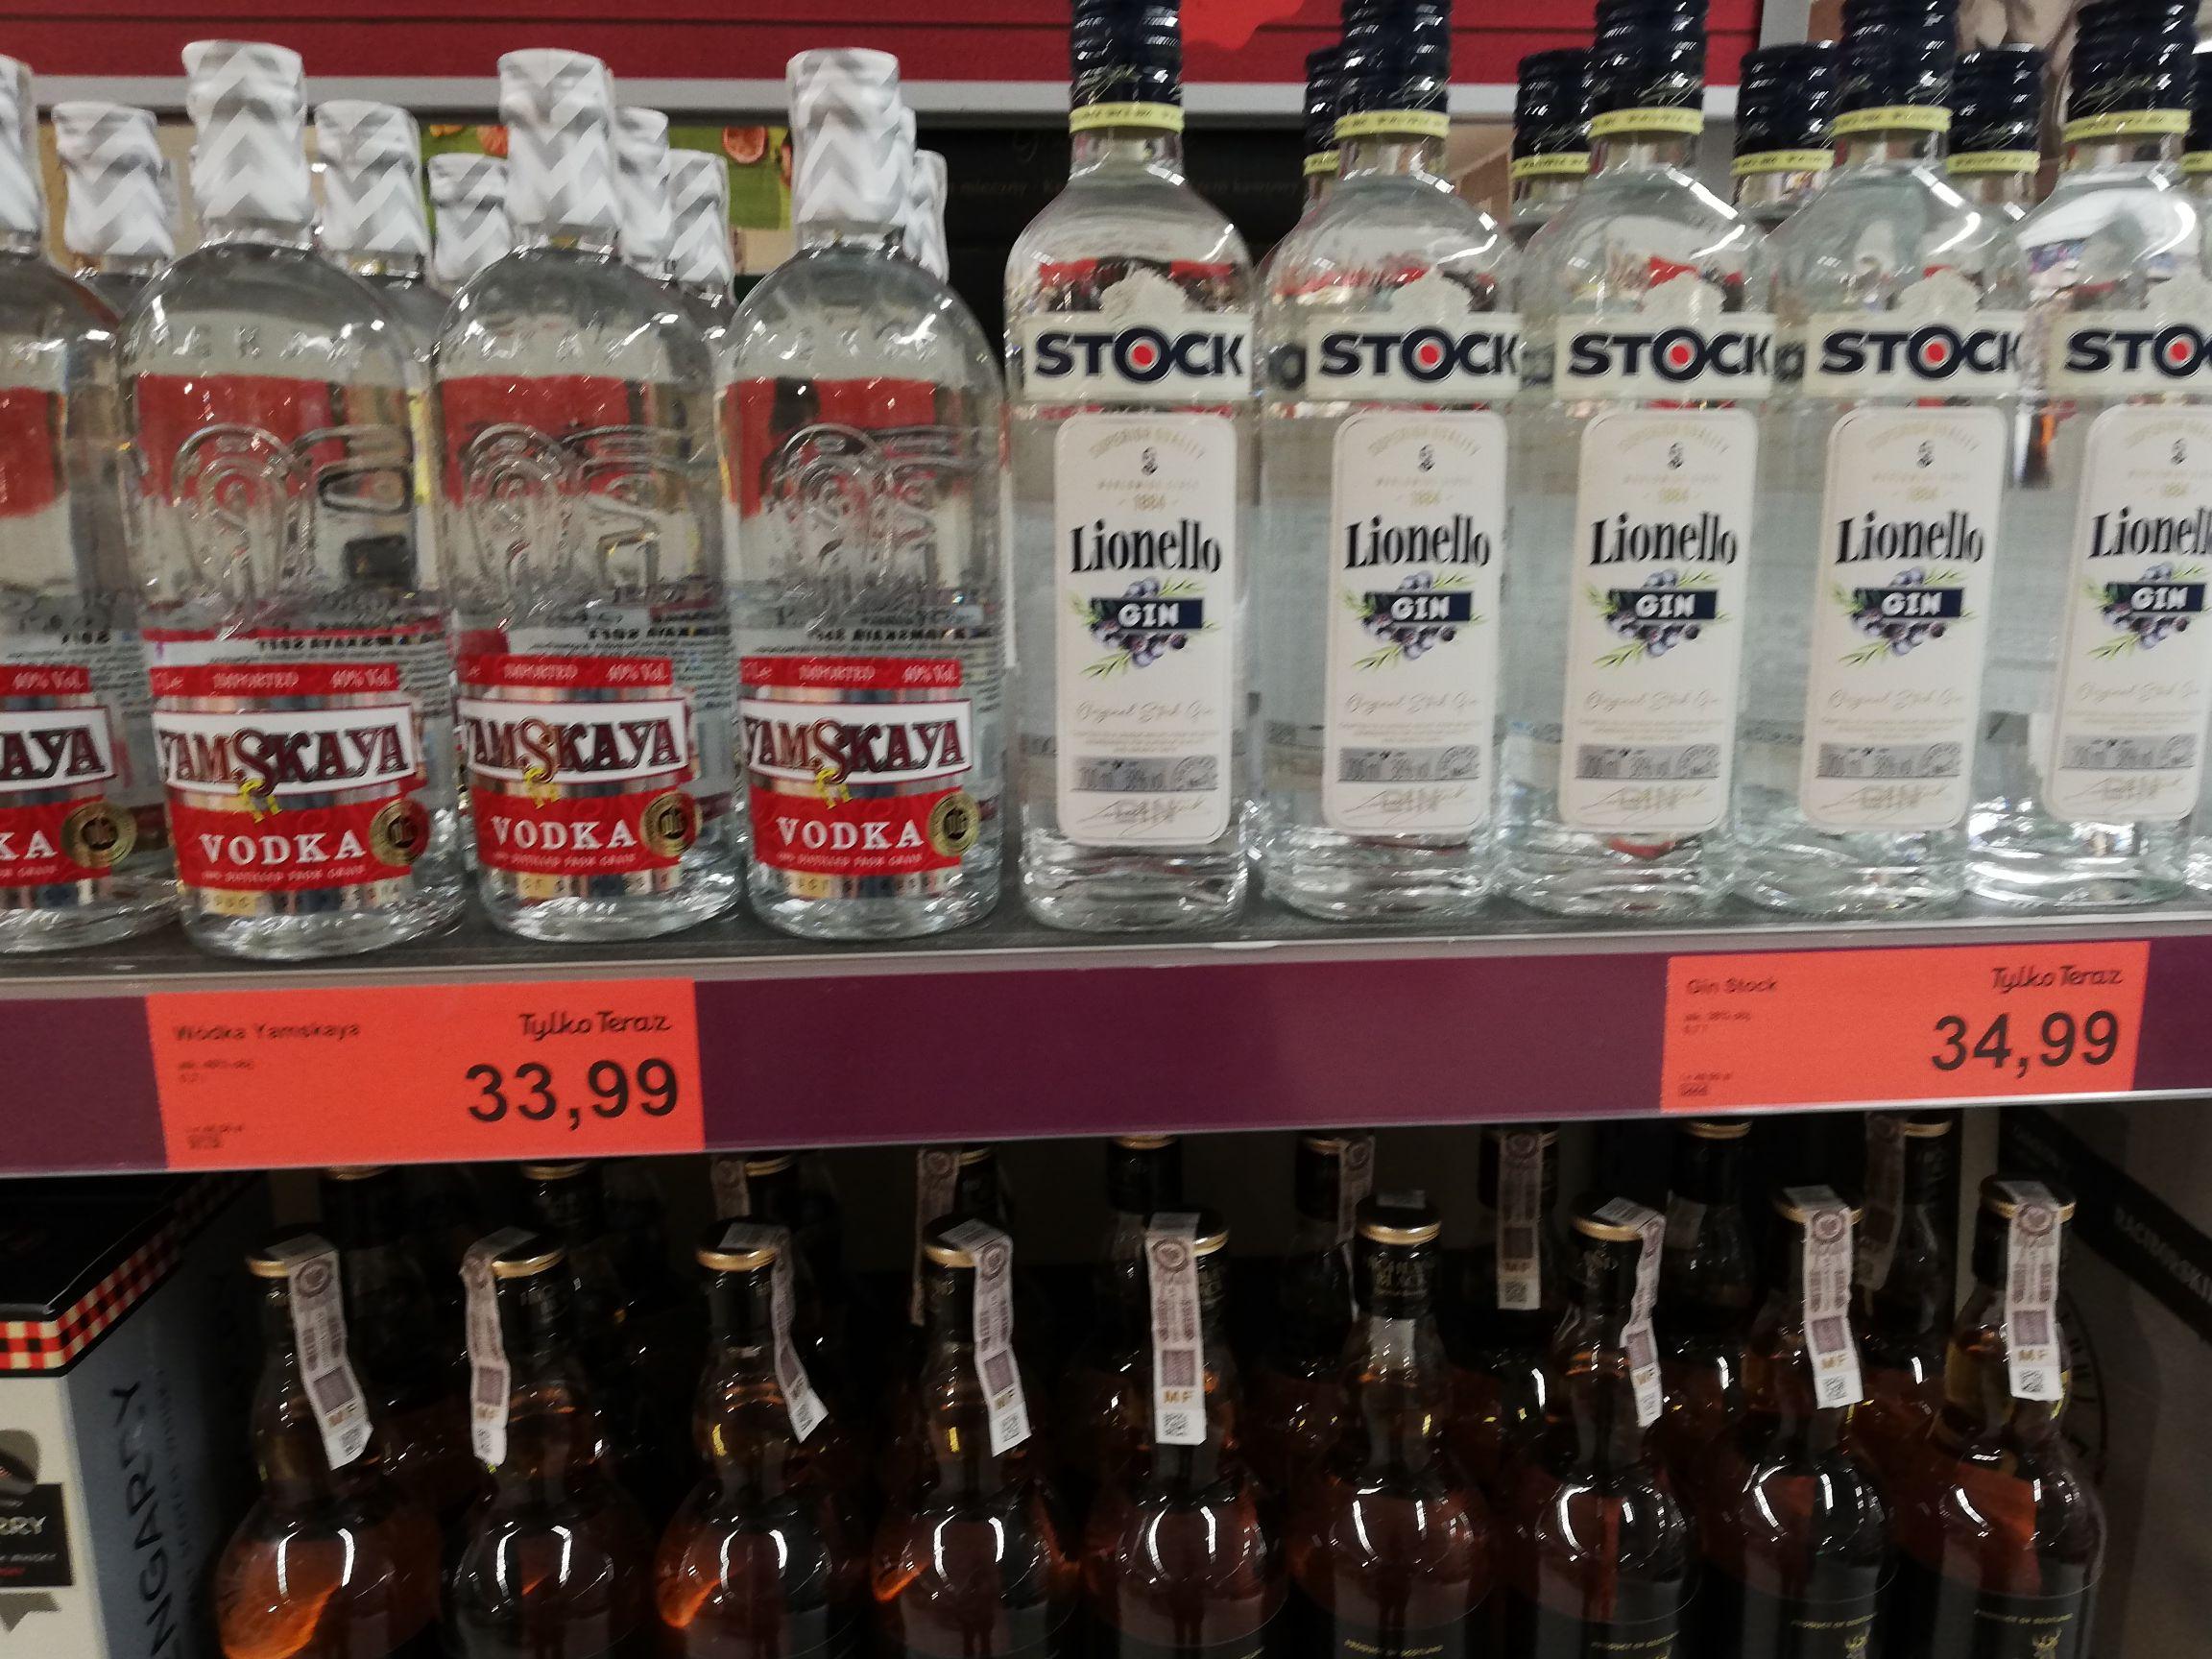 Lionello Stock Gin 38% 0,7l w sklepie Aldi